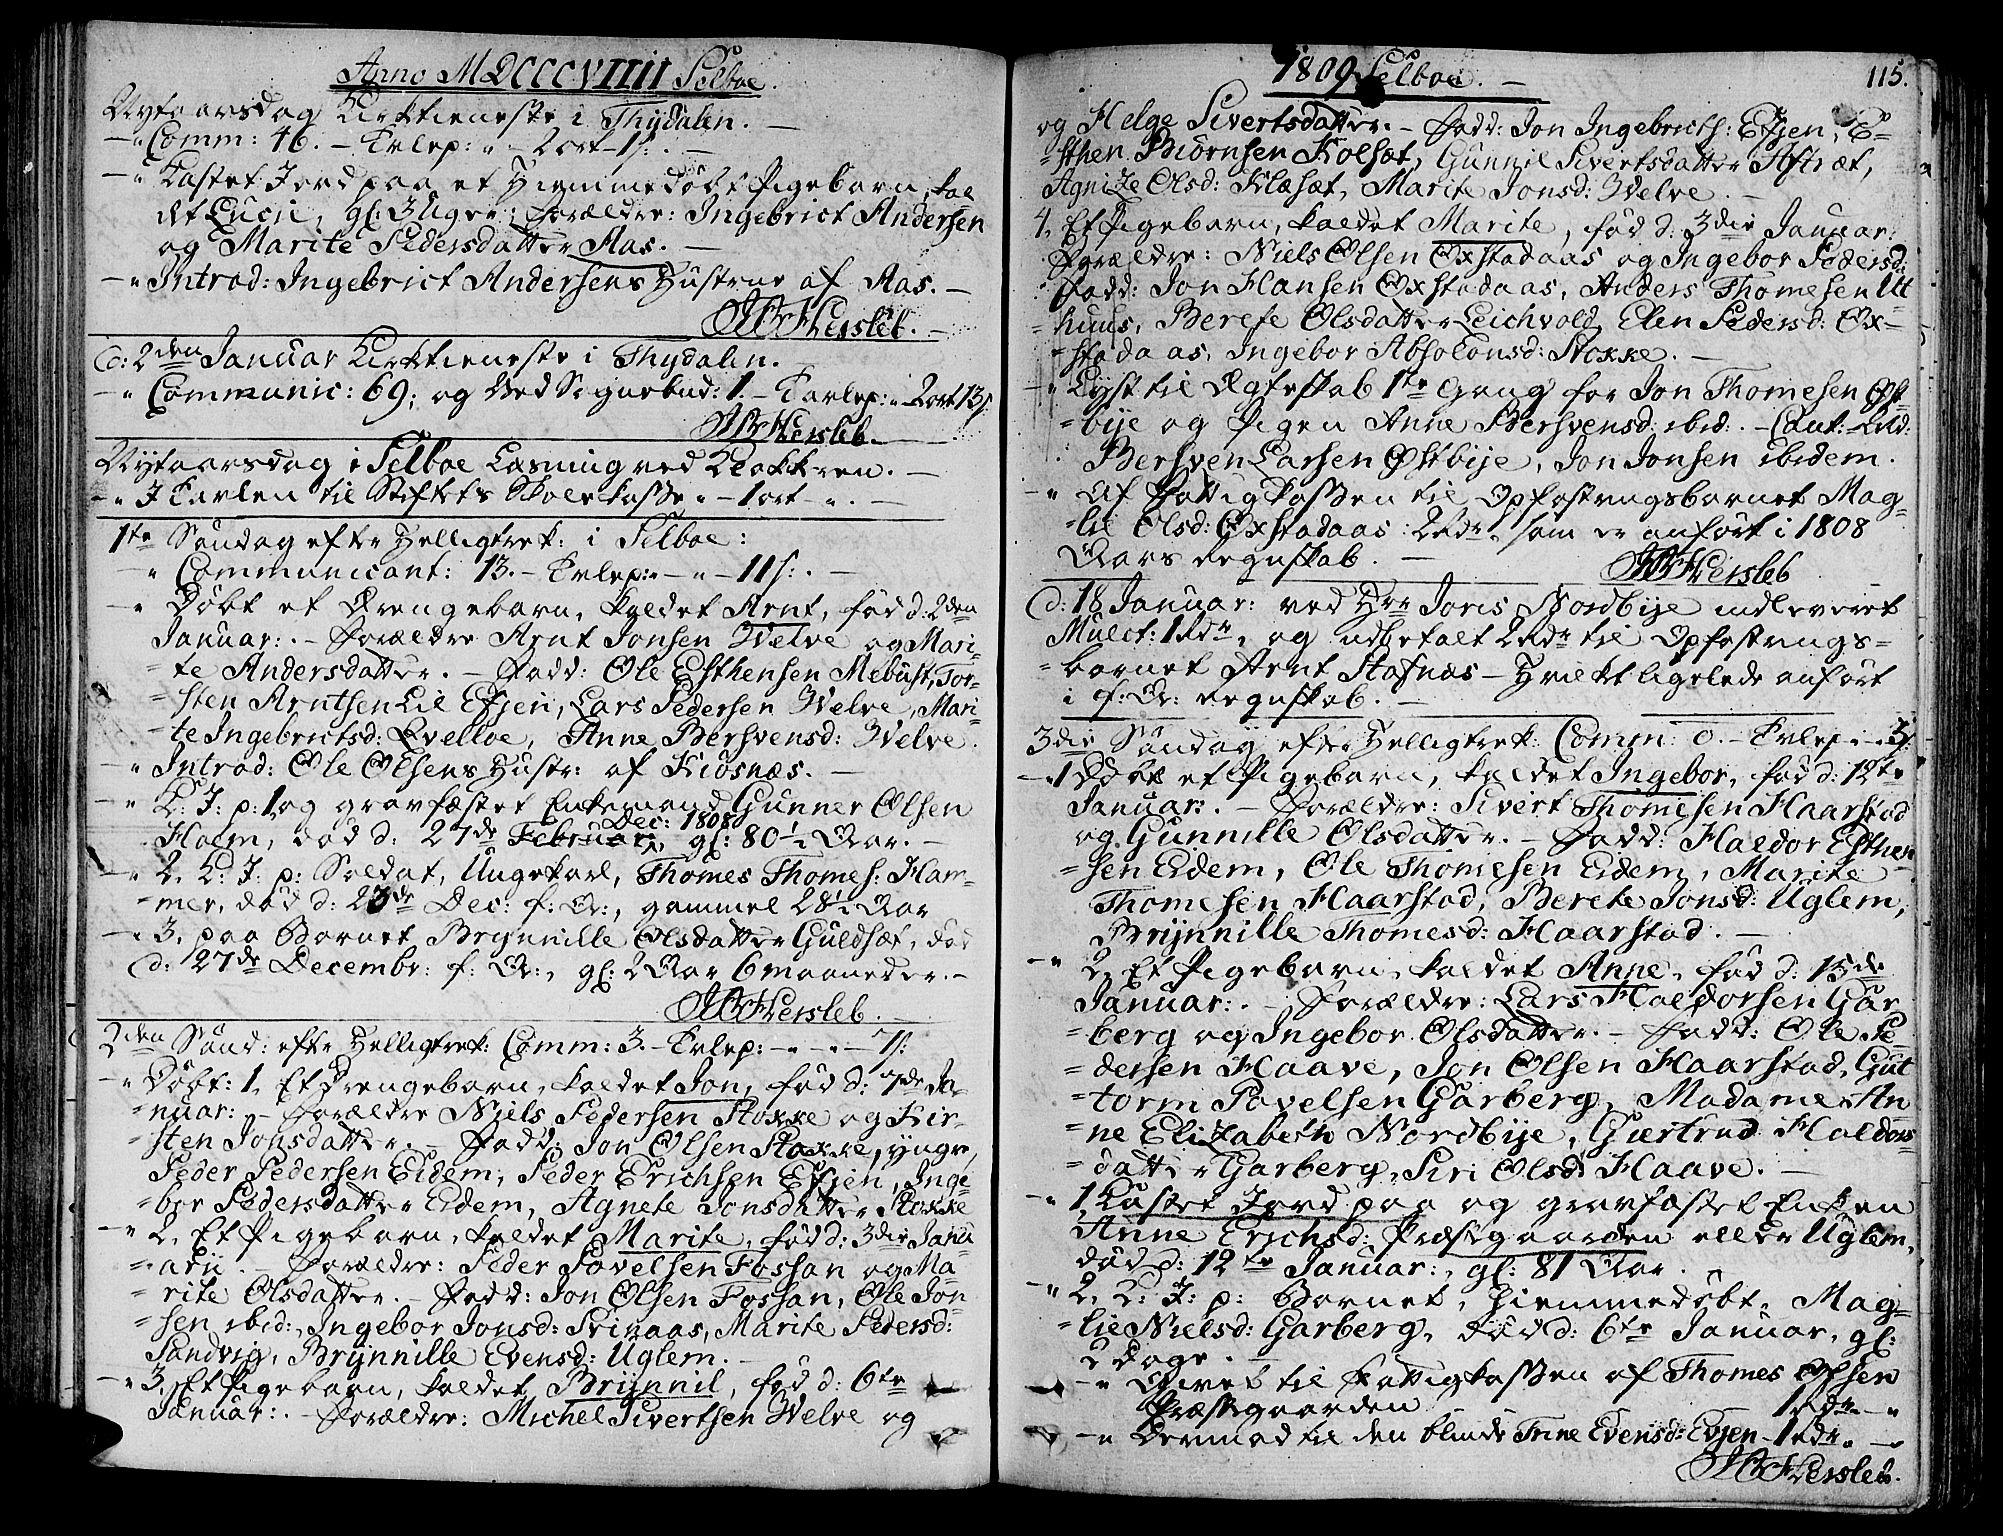 SAT, Ministerialprotokoller, klokkerbøker og fødselsregistre - Sør-Trøndelag, 695/L1140: Ministerialbok nr. 695A03, 1801-1815, s. 115